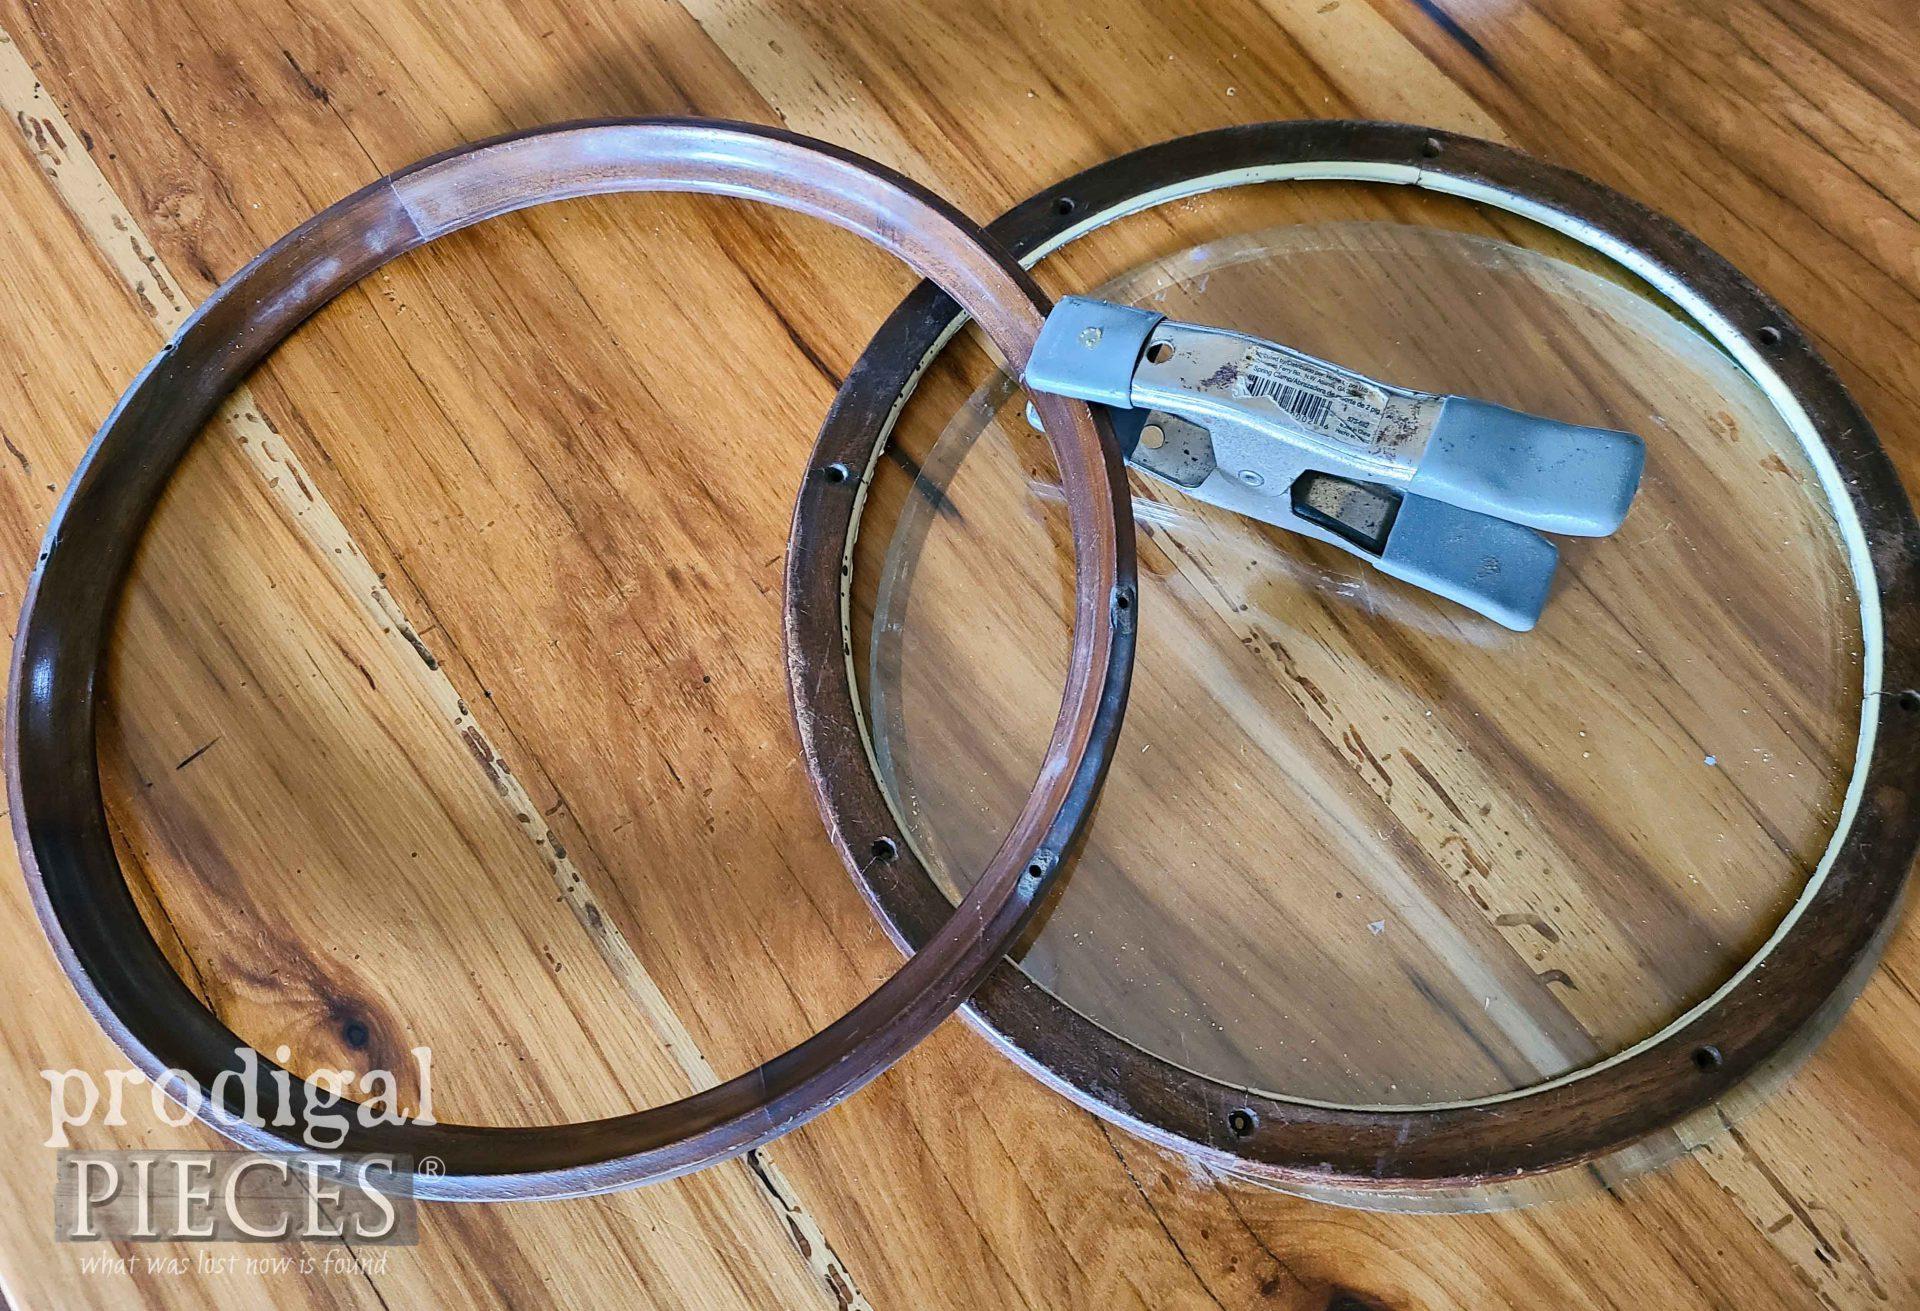 Gluing Round Glass Serving Tray Frame | prodigalpieces.com